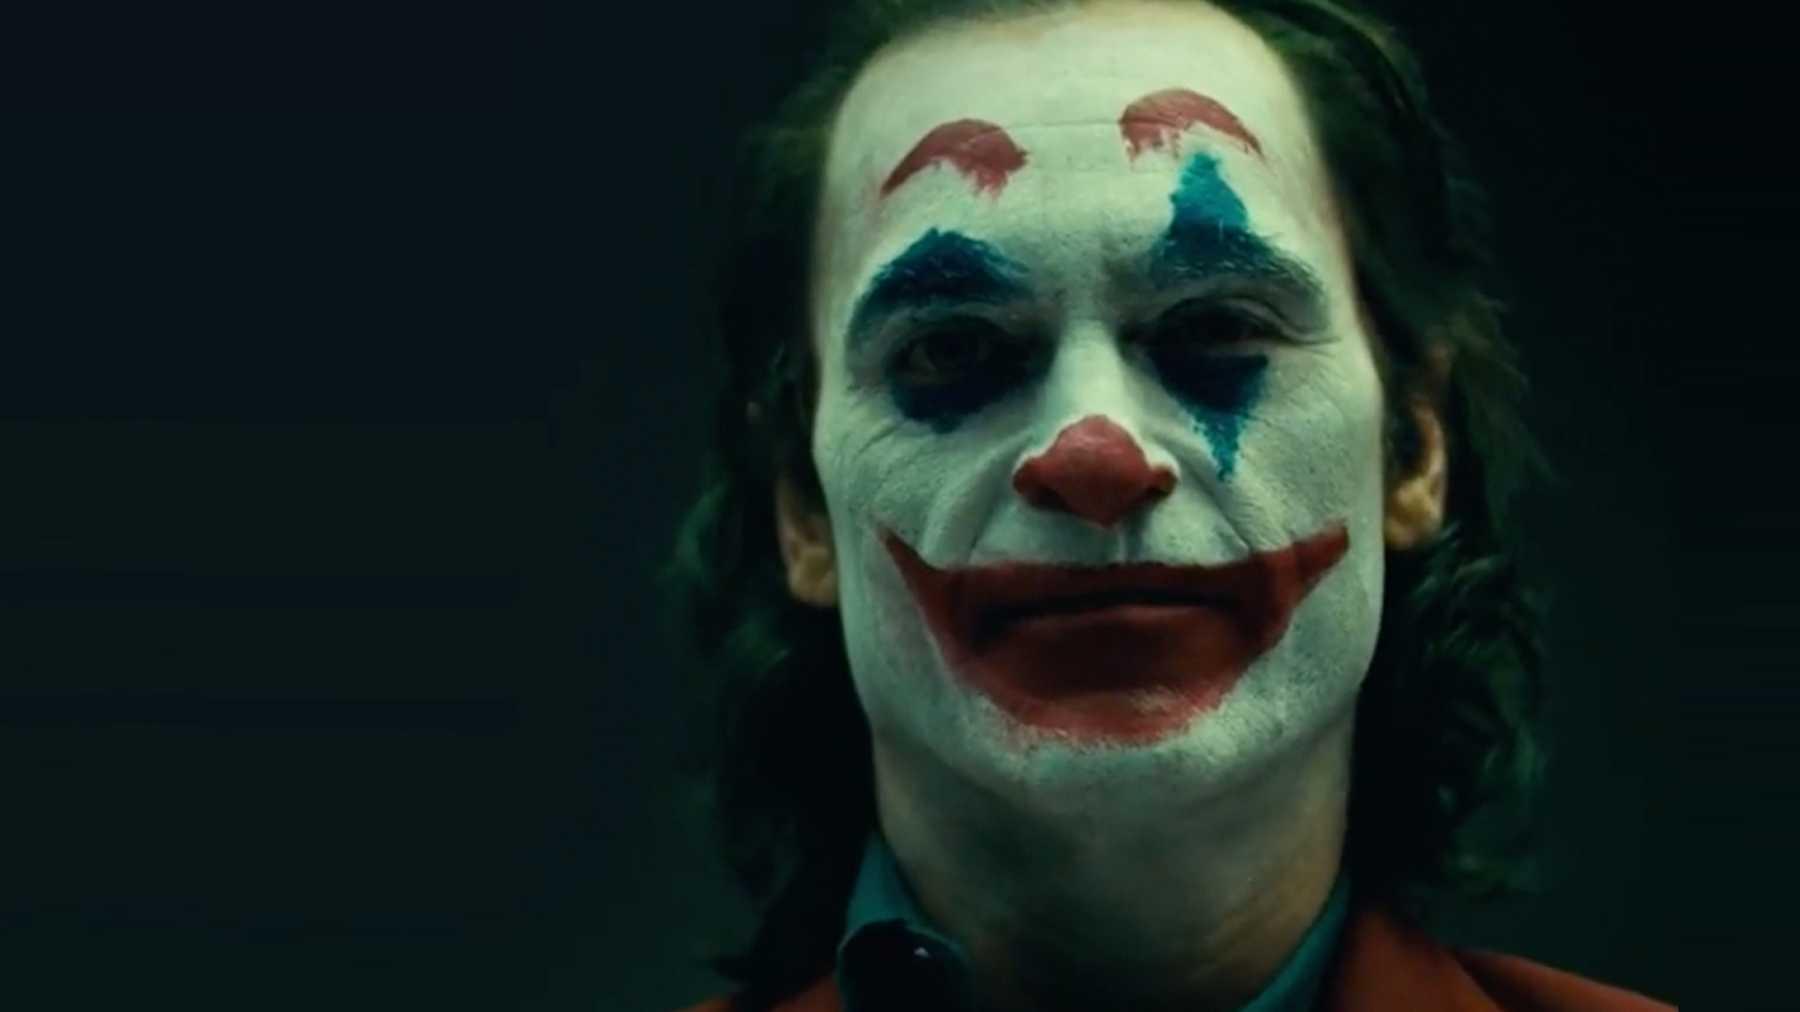 DC映画『ジョーカー』監督「MARVELには勝てない」ことを悟っていた ー そして提案した戦略とは